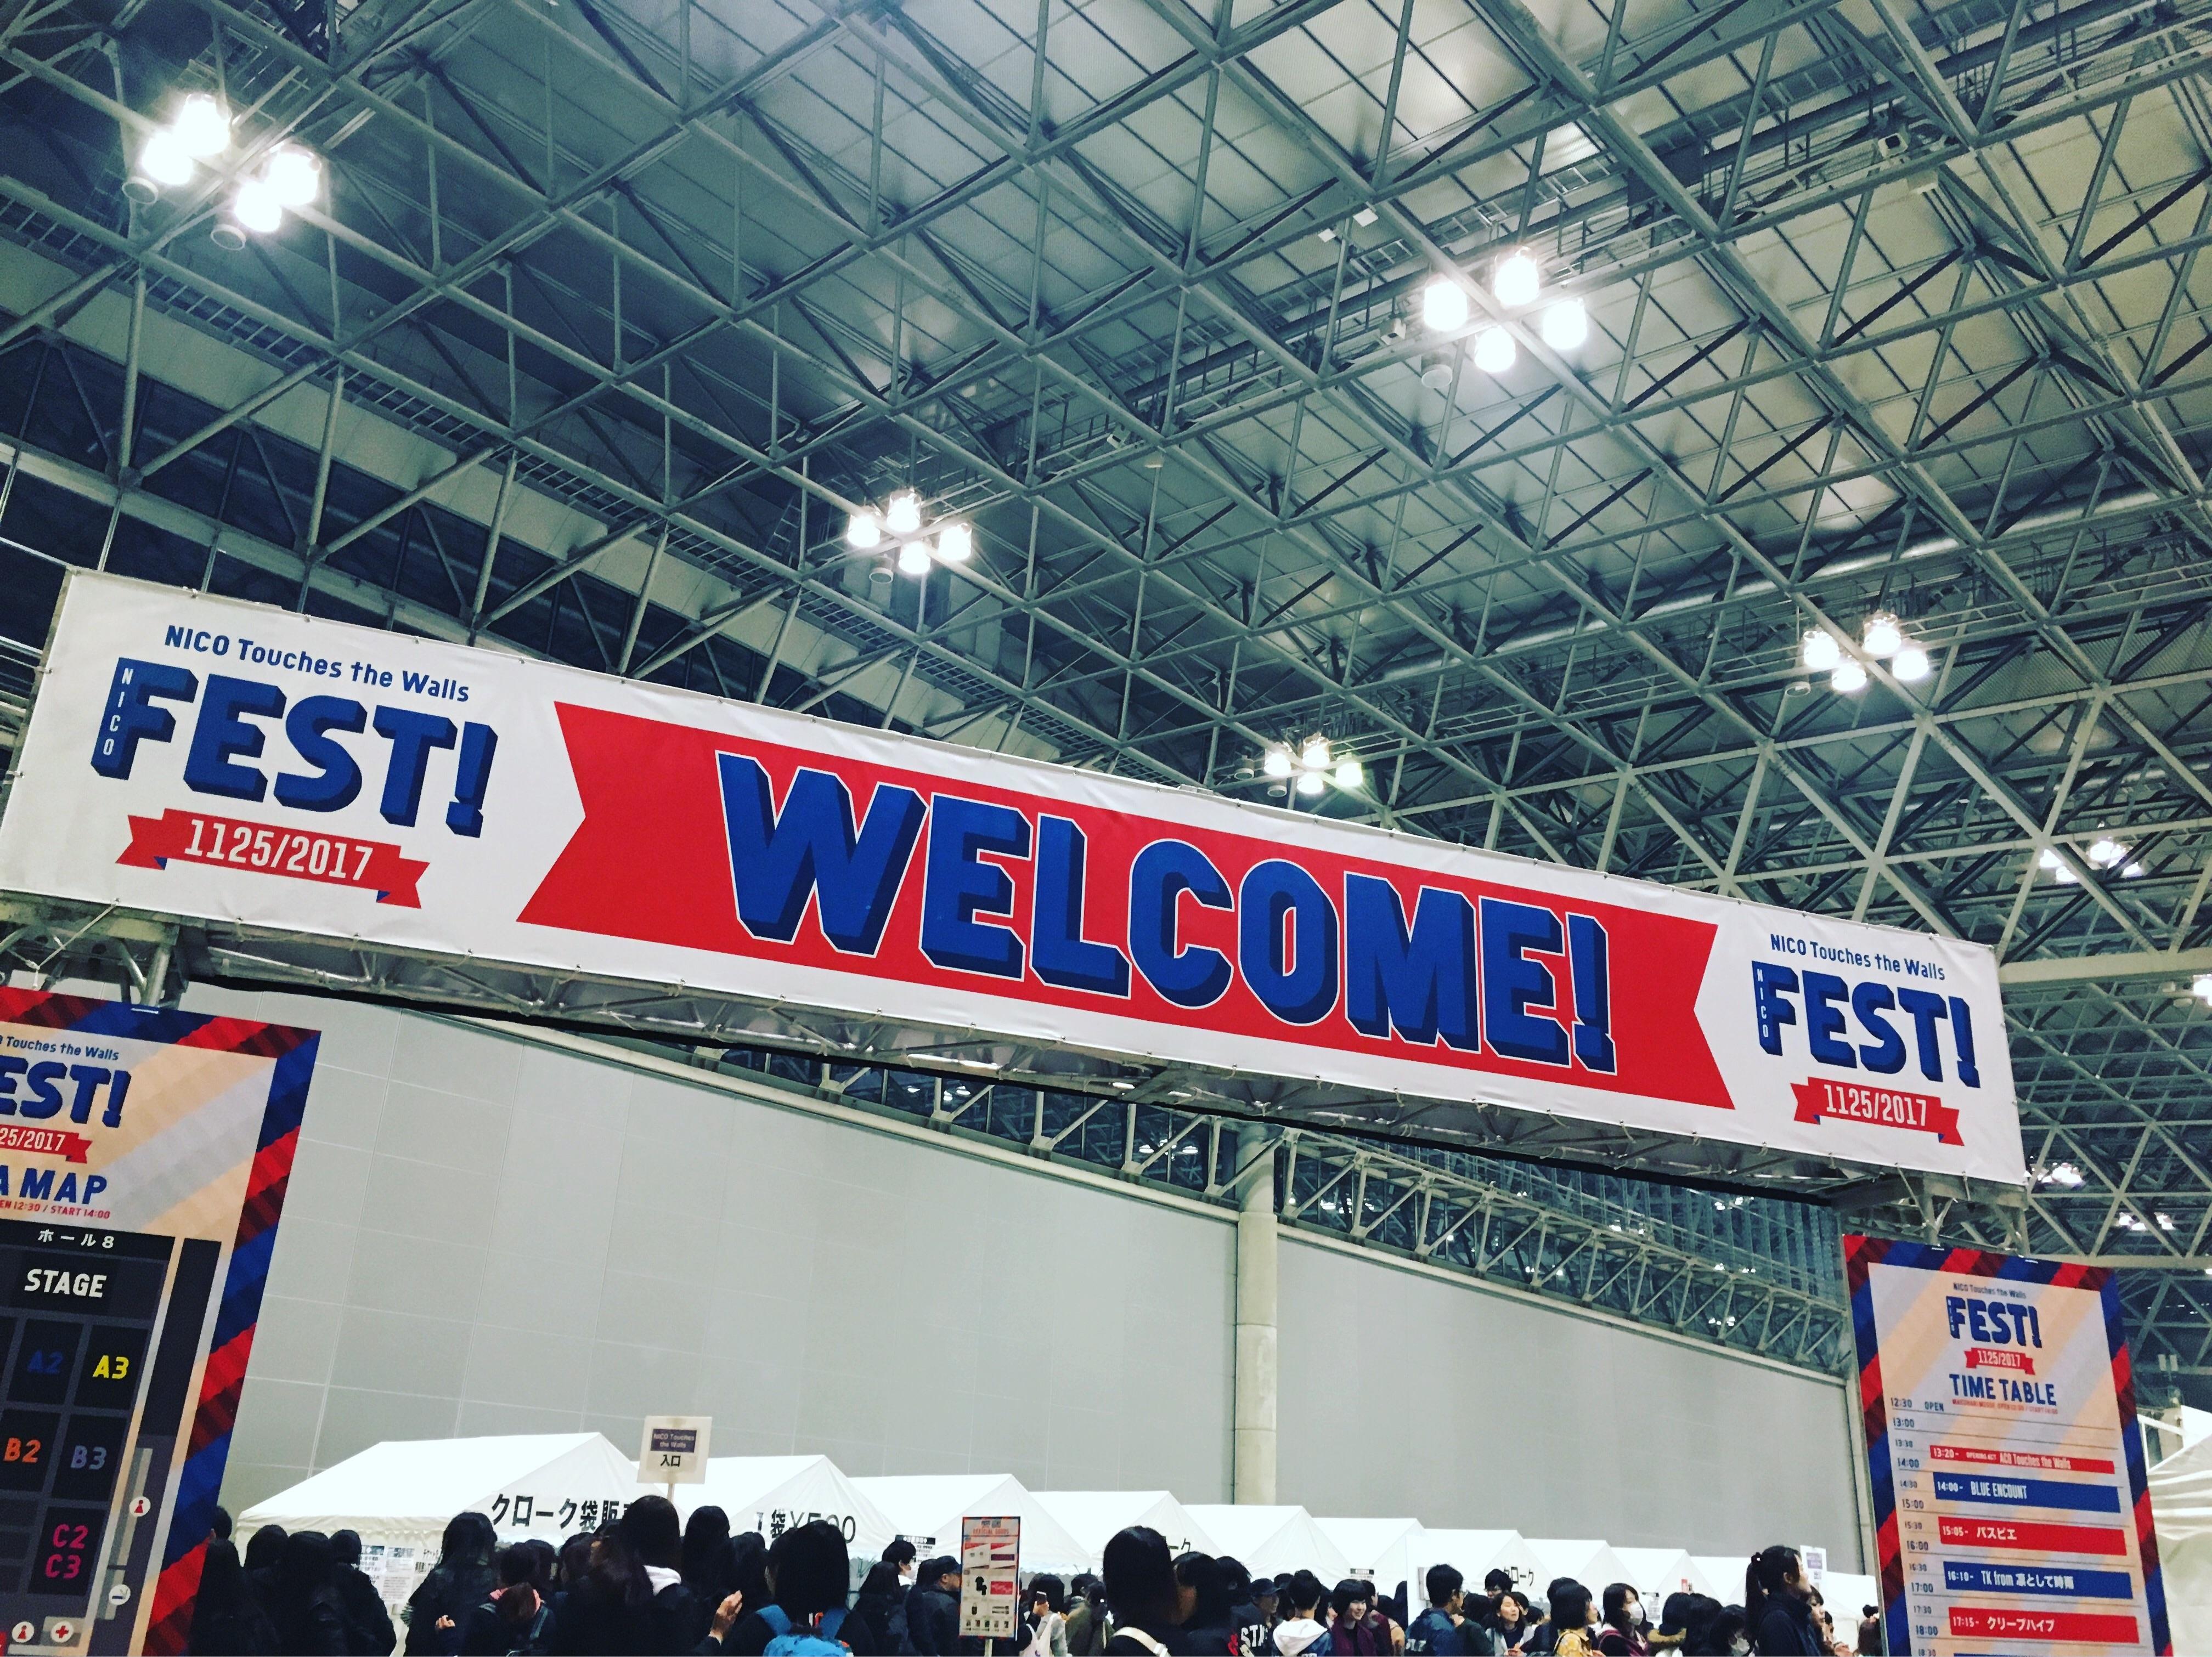 f:id:fujiusg:20171126075430j:image